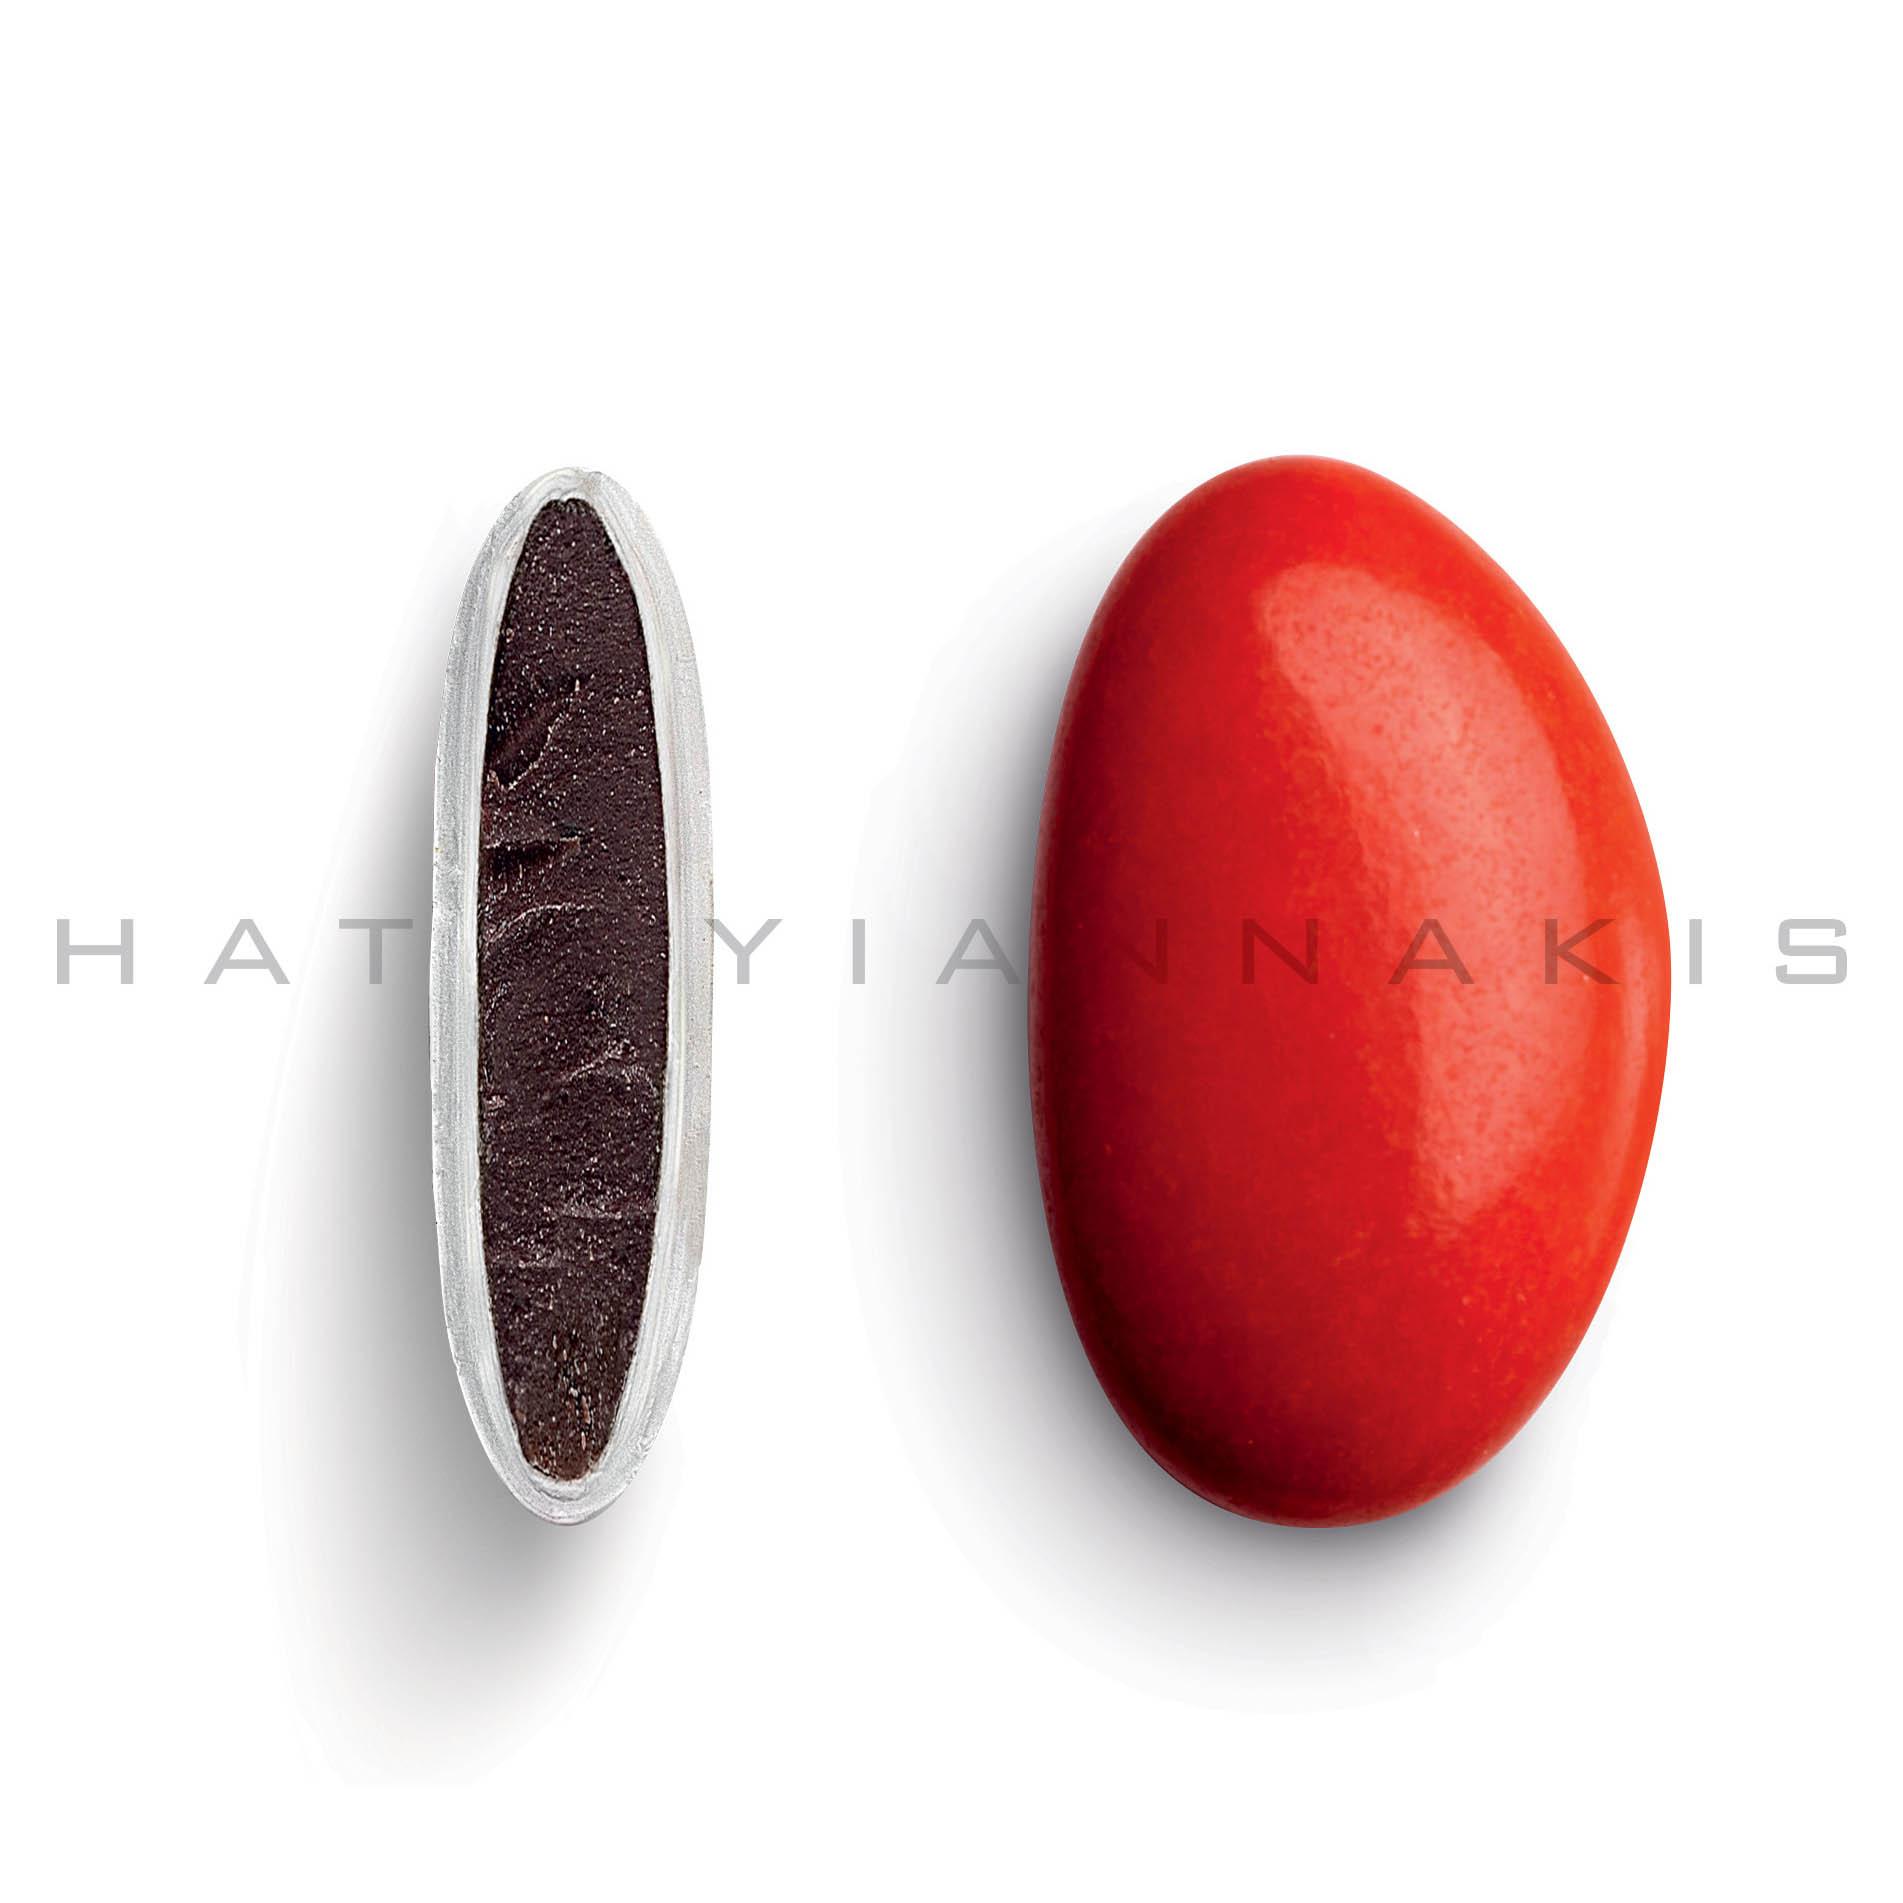 Κουφέτo bijoux supreme κόκκινο, γυαλισμένο 500 gr Συσκευασία